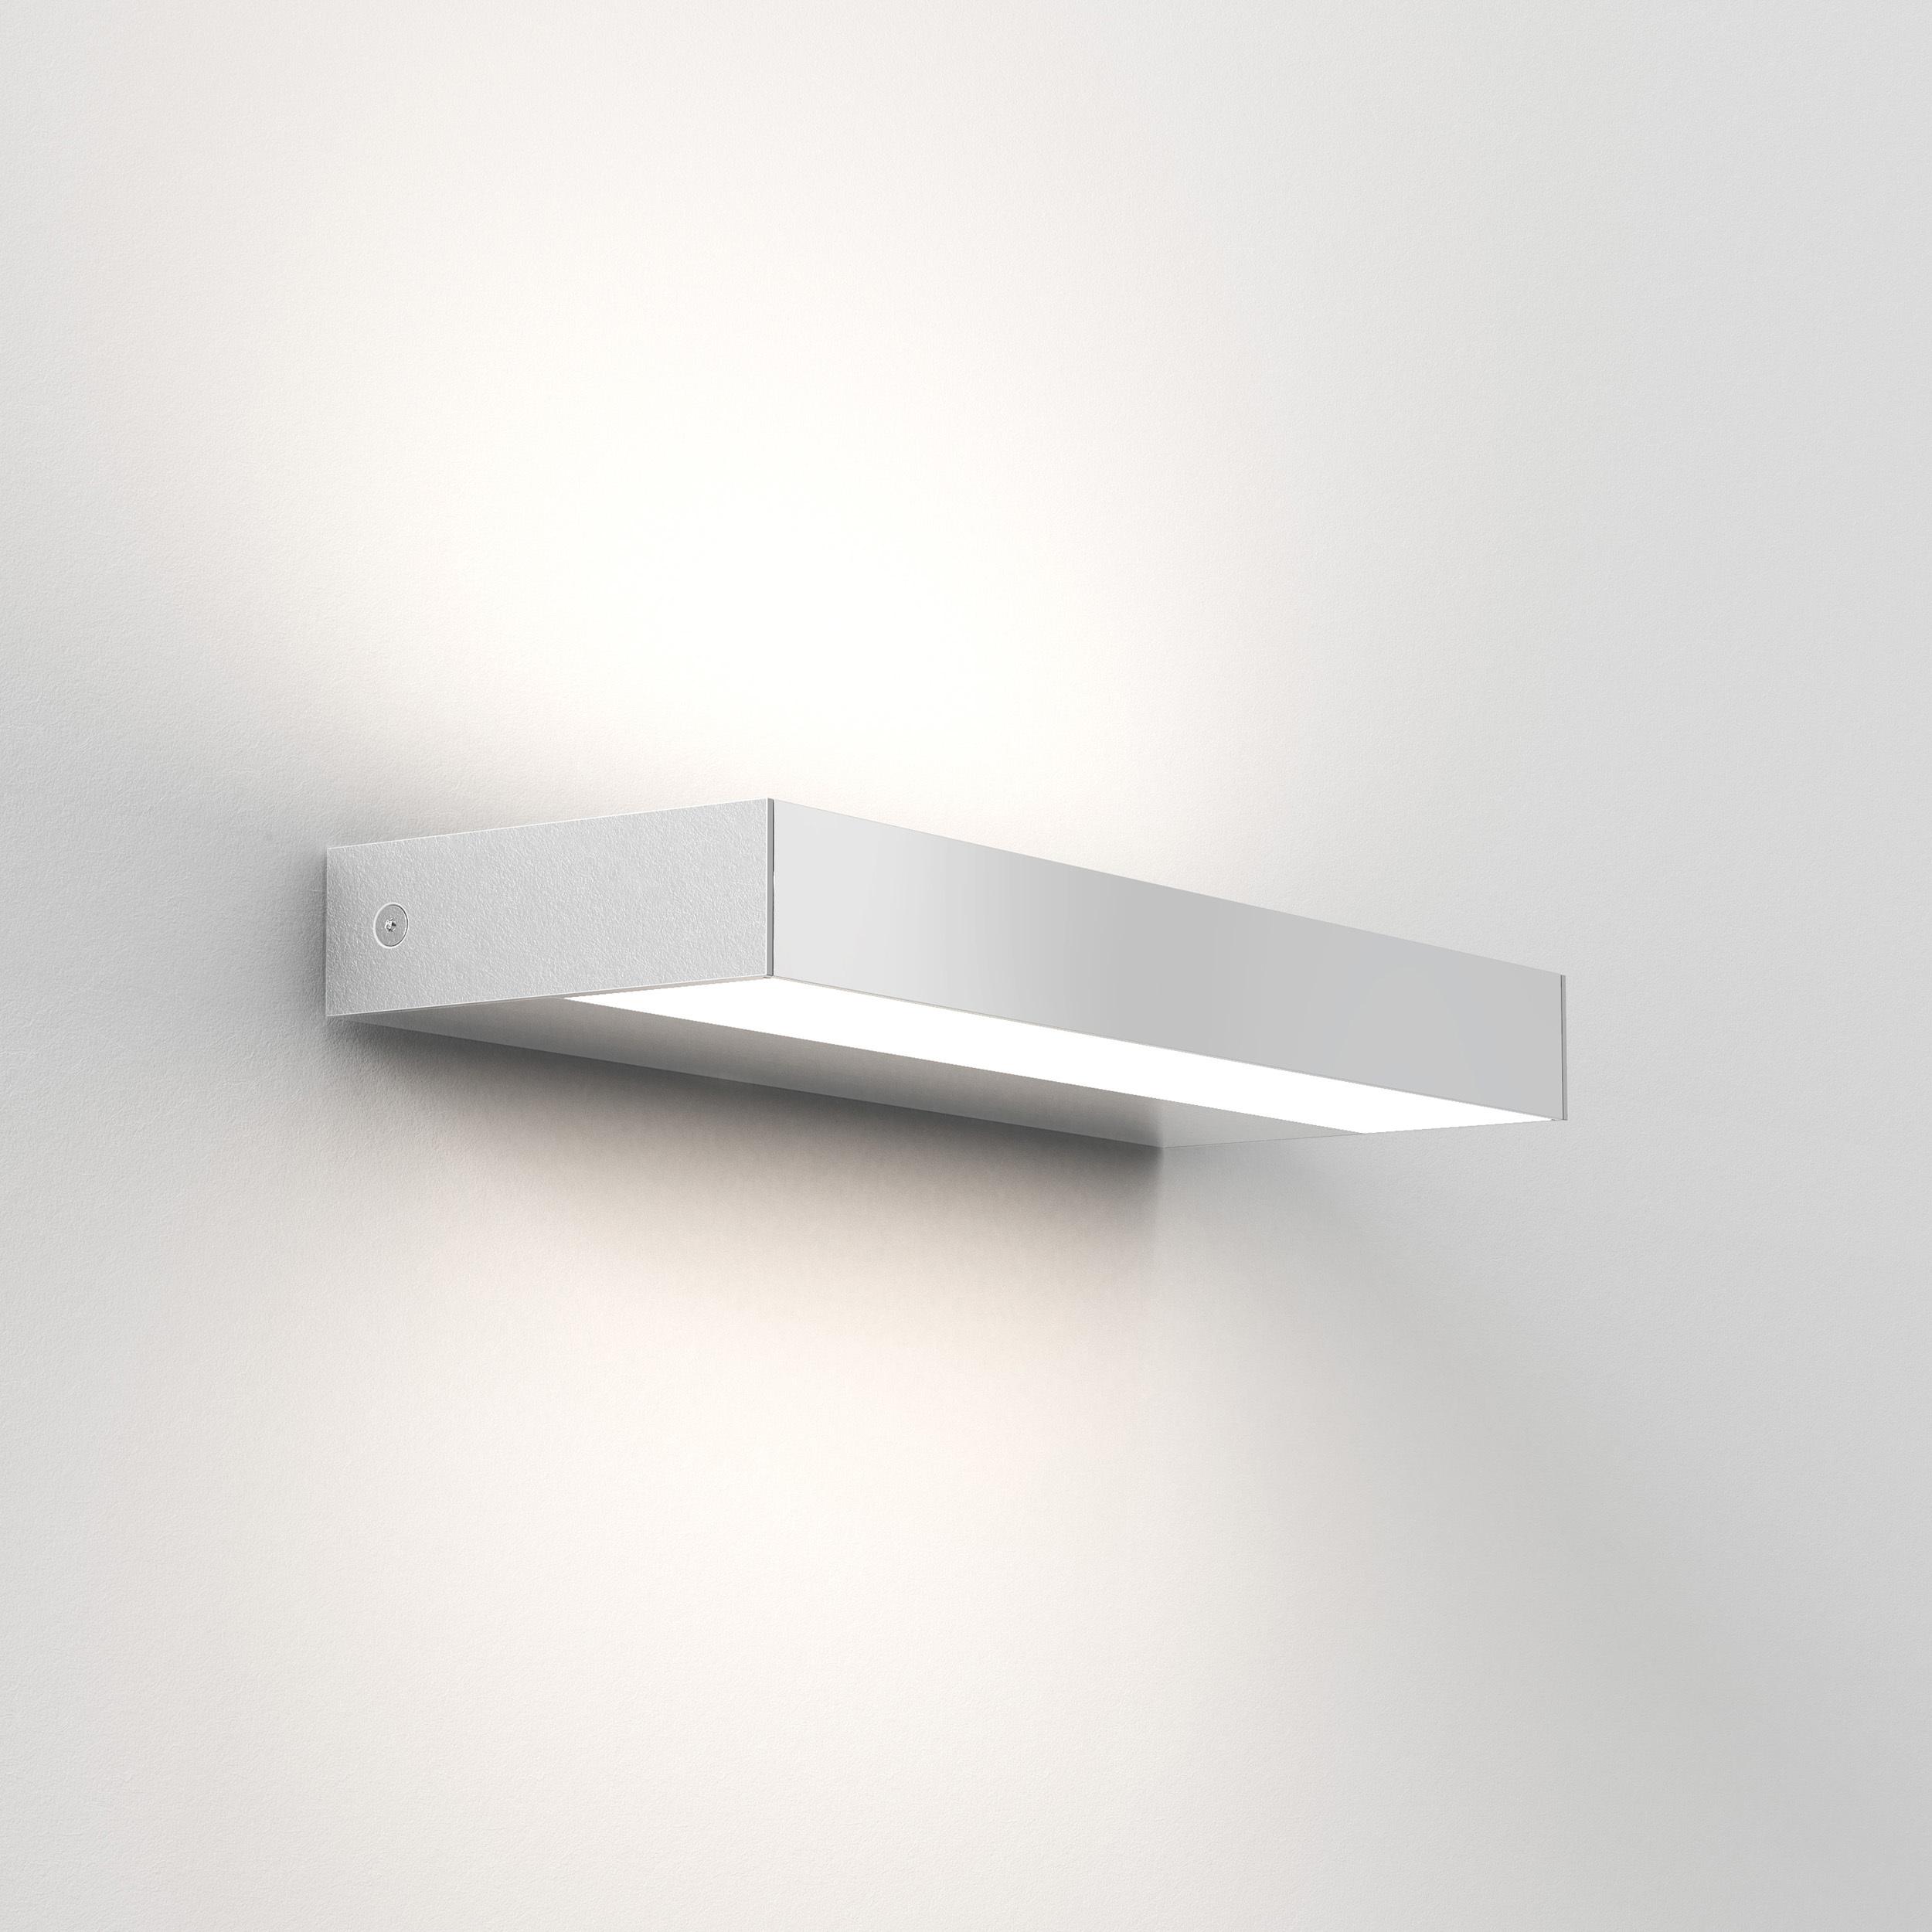 Настенный светодиодный светильник Astro Axios 1307009 (8180), IP44, LED 5,9W 3000K 204.66lm CRI80, хром, металл, пластик - фото 1